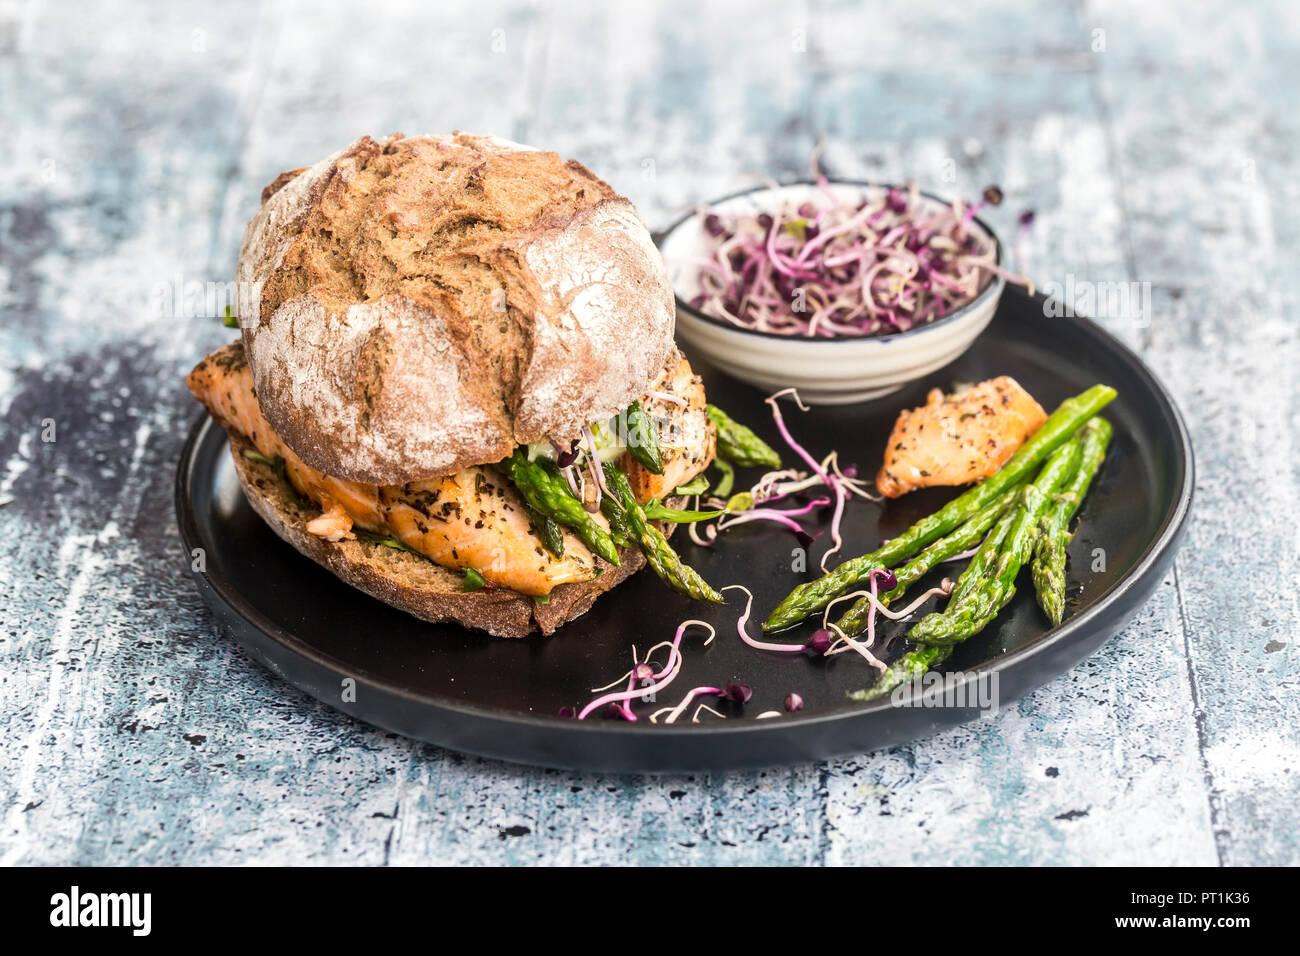 Lachs Burger mit grünem Spargel und Rote Kresse auf Platte Stockfoto